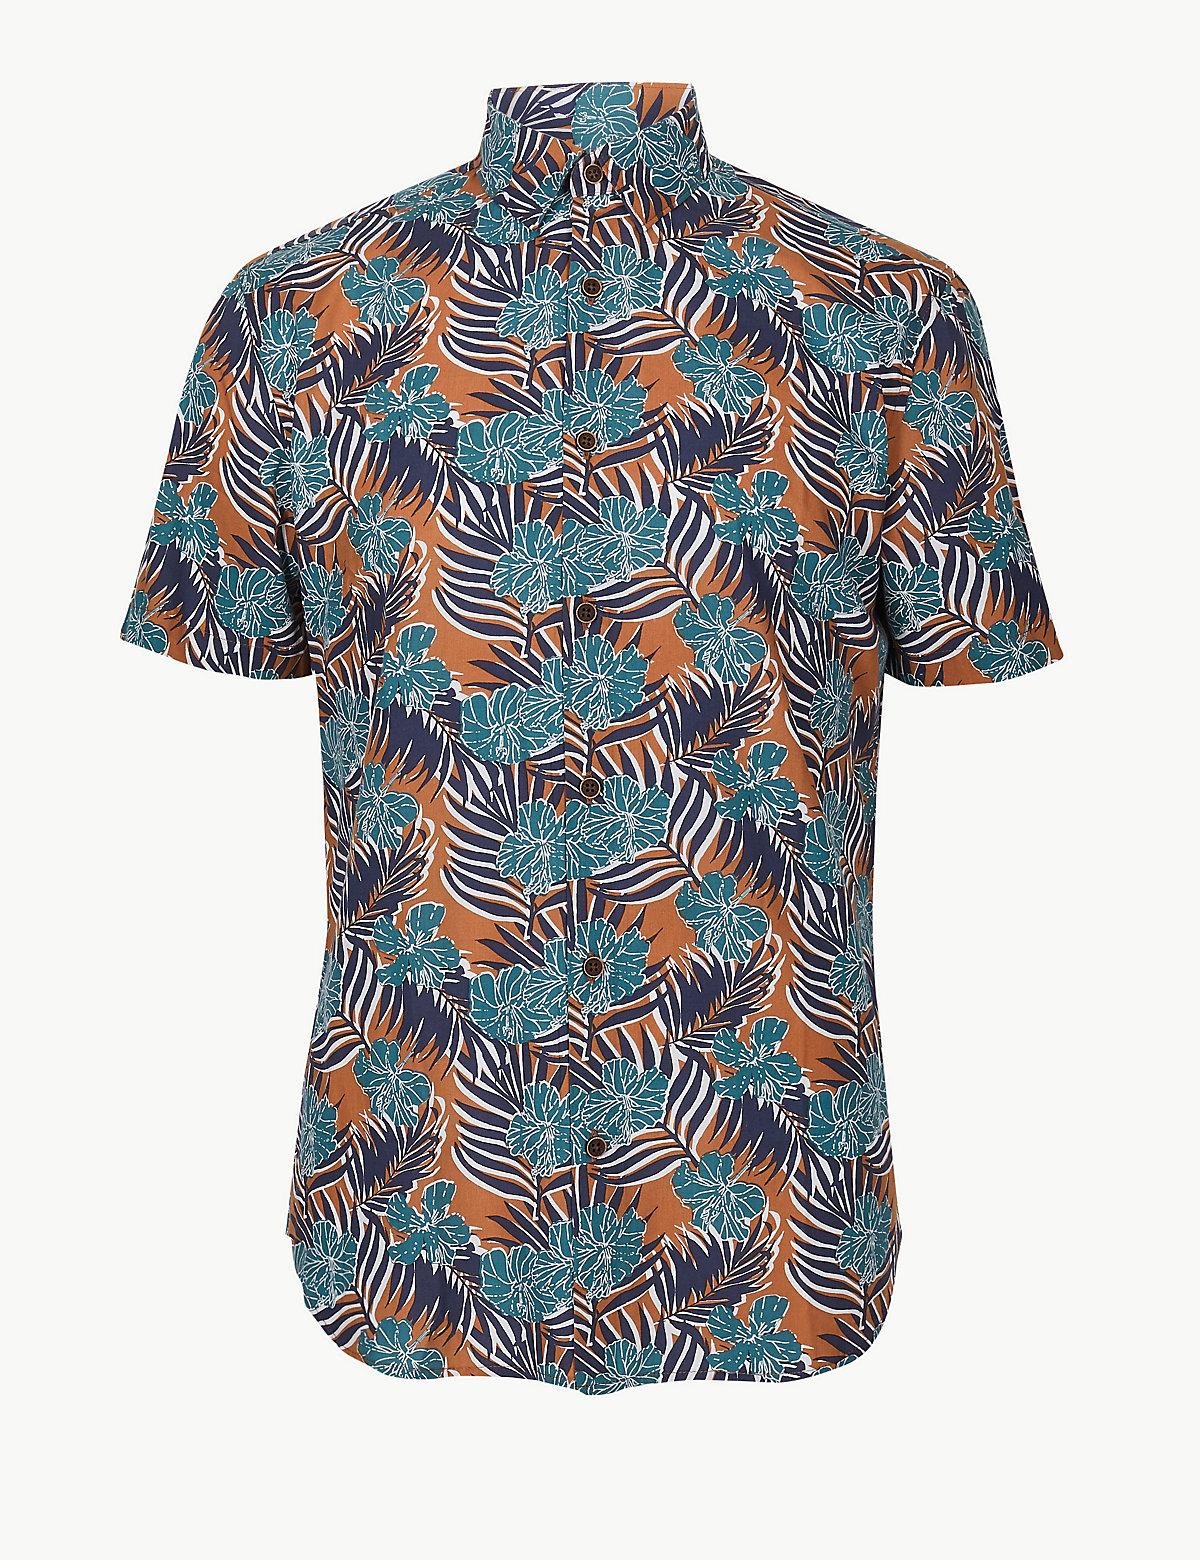 Мужская рубашка с принтом Гибискус